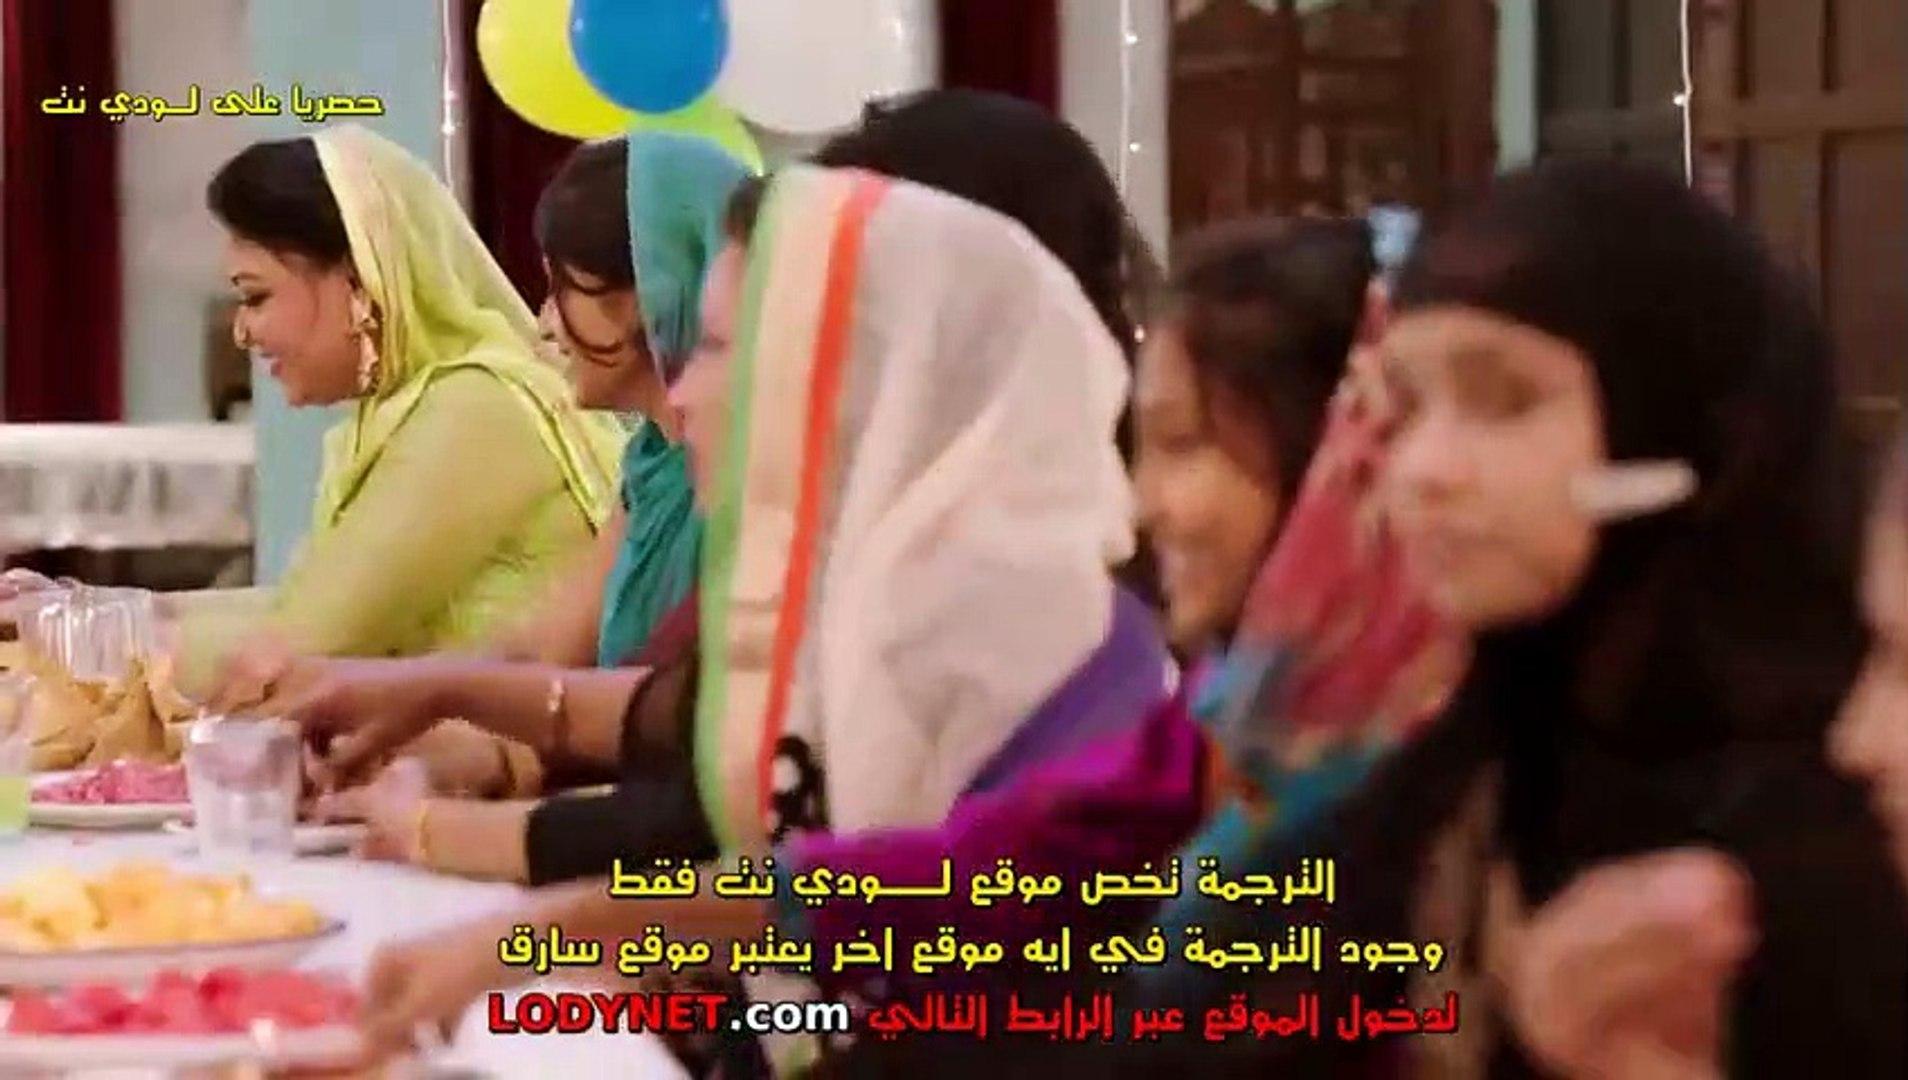 مسلسل مريم خان الحلقة 6 مترجمة